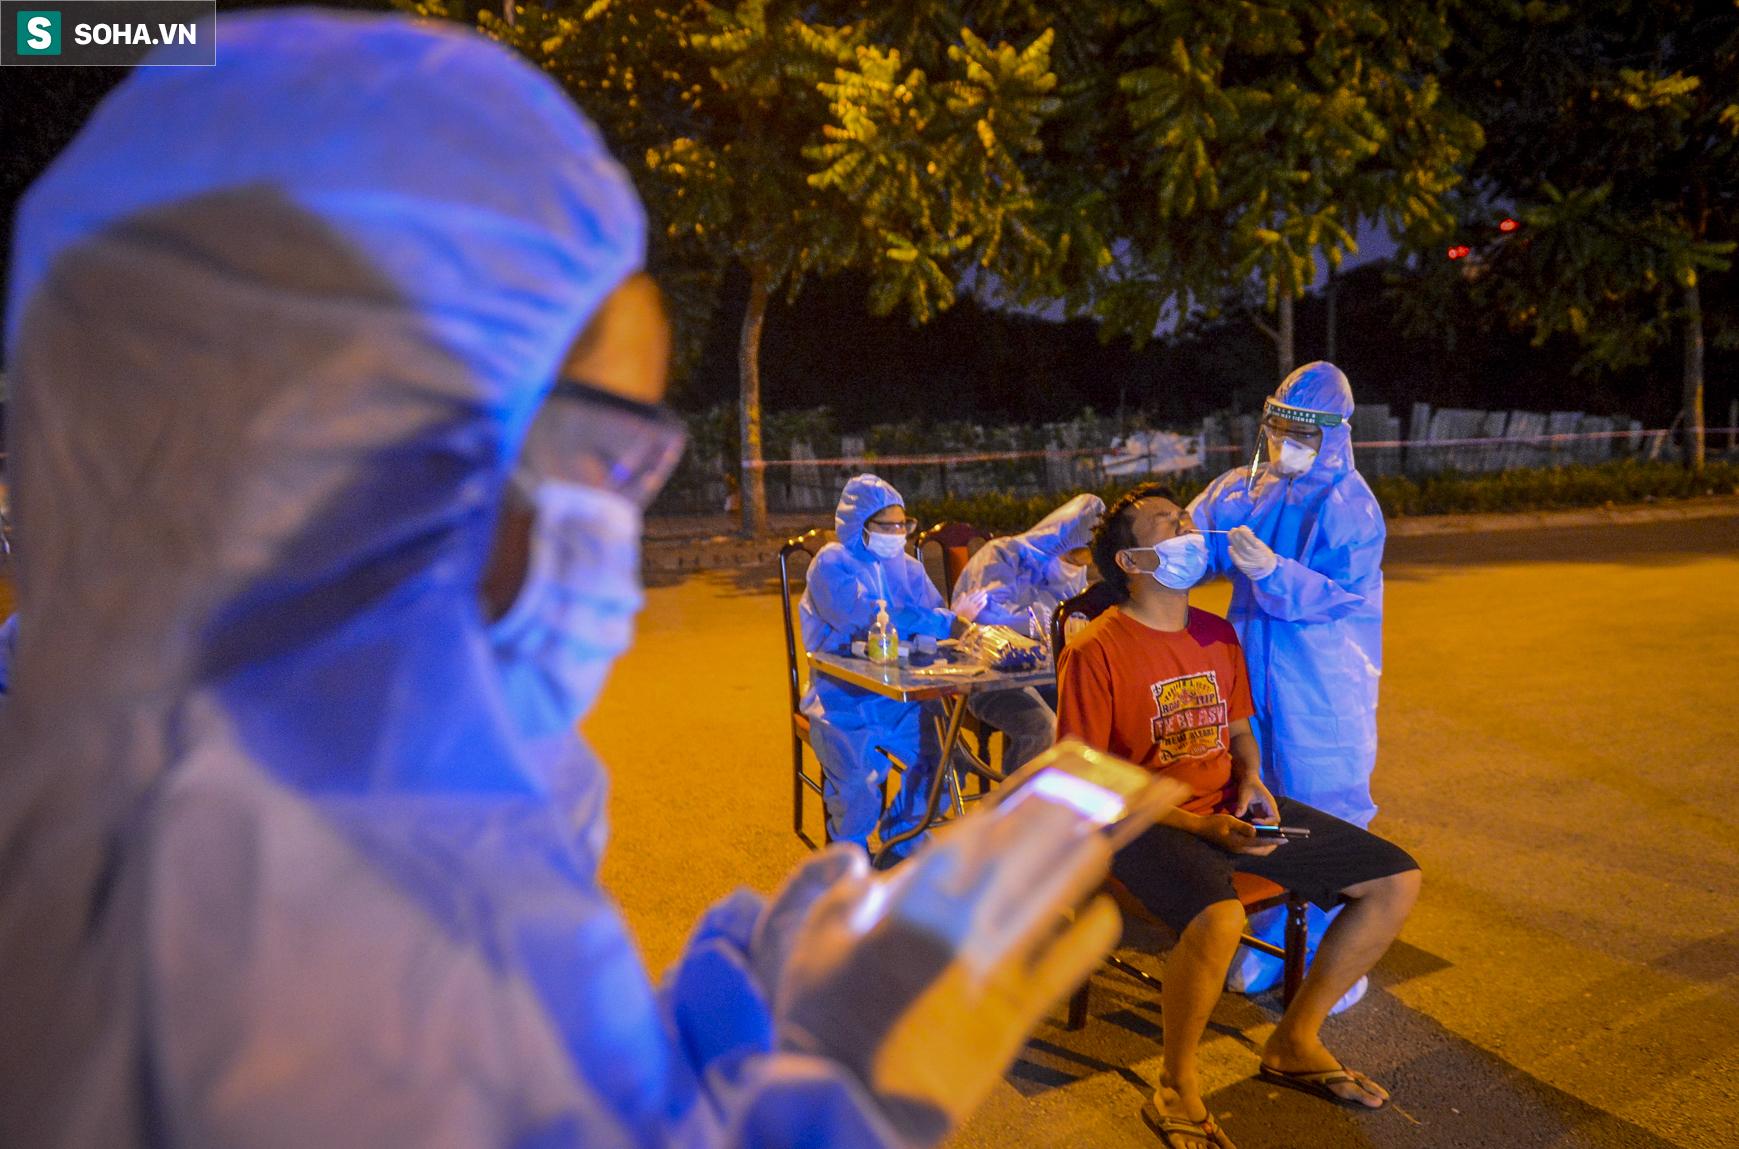 Hà Nội: Phát hiện 9 người dương tính SARS-CoV-2, lập tức lấy 5000 mẫu xét nghiệm trong đêm - Ảnh 3.